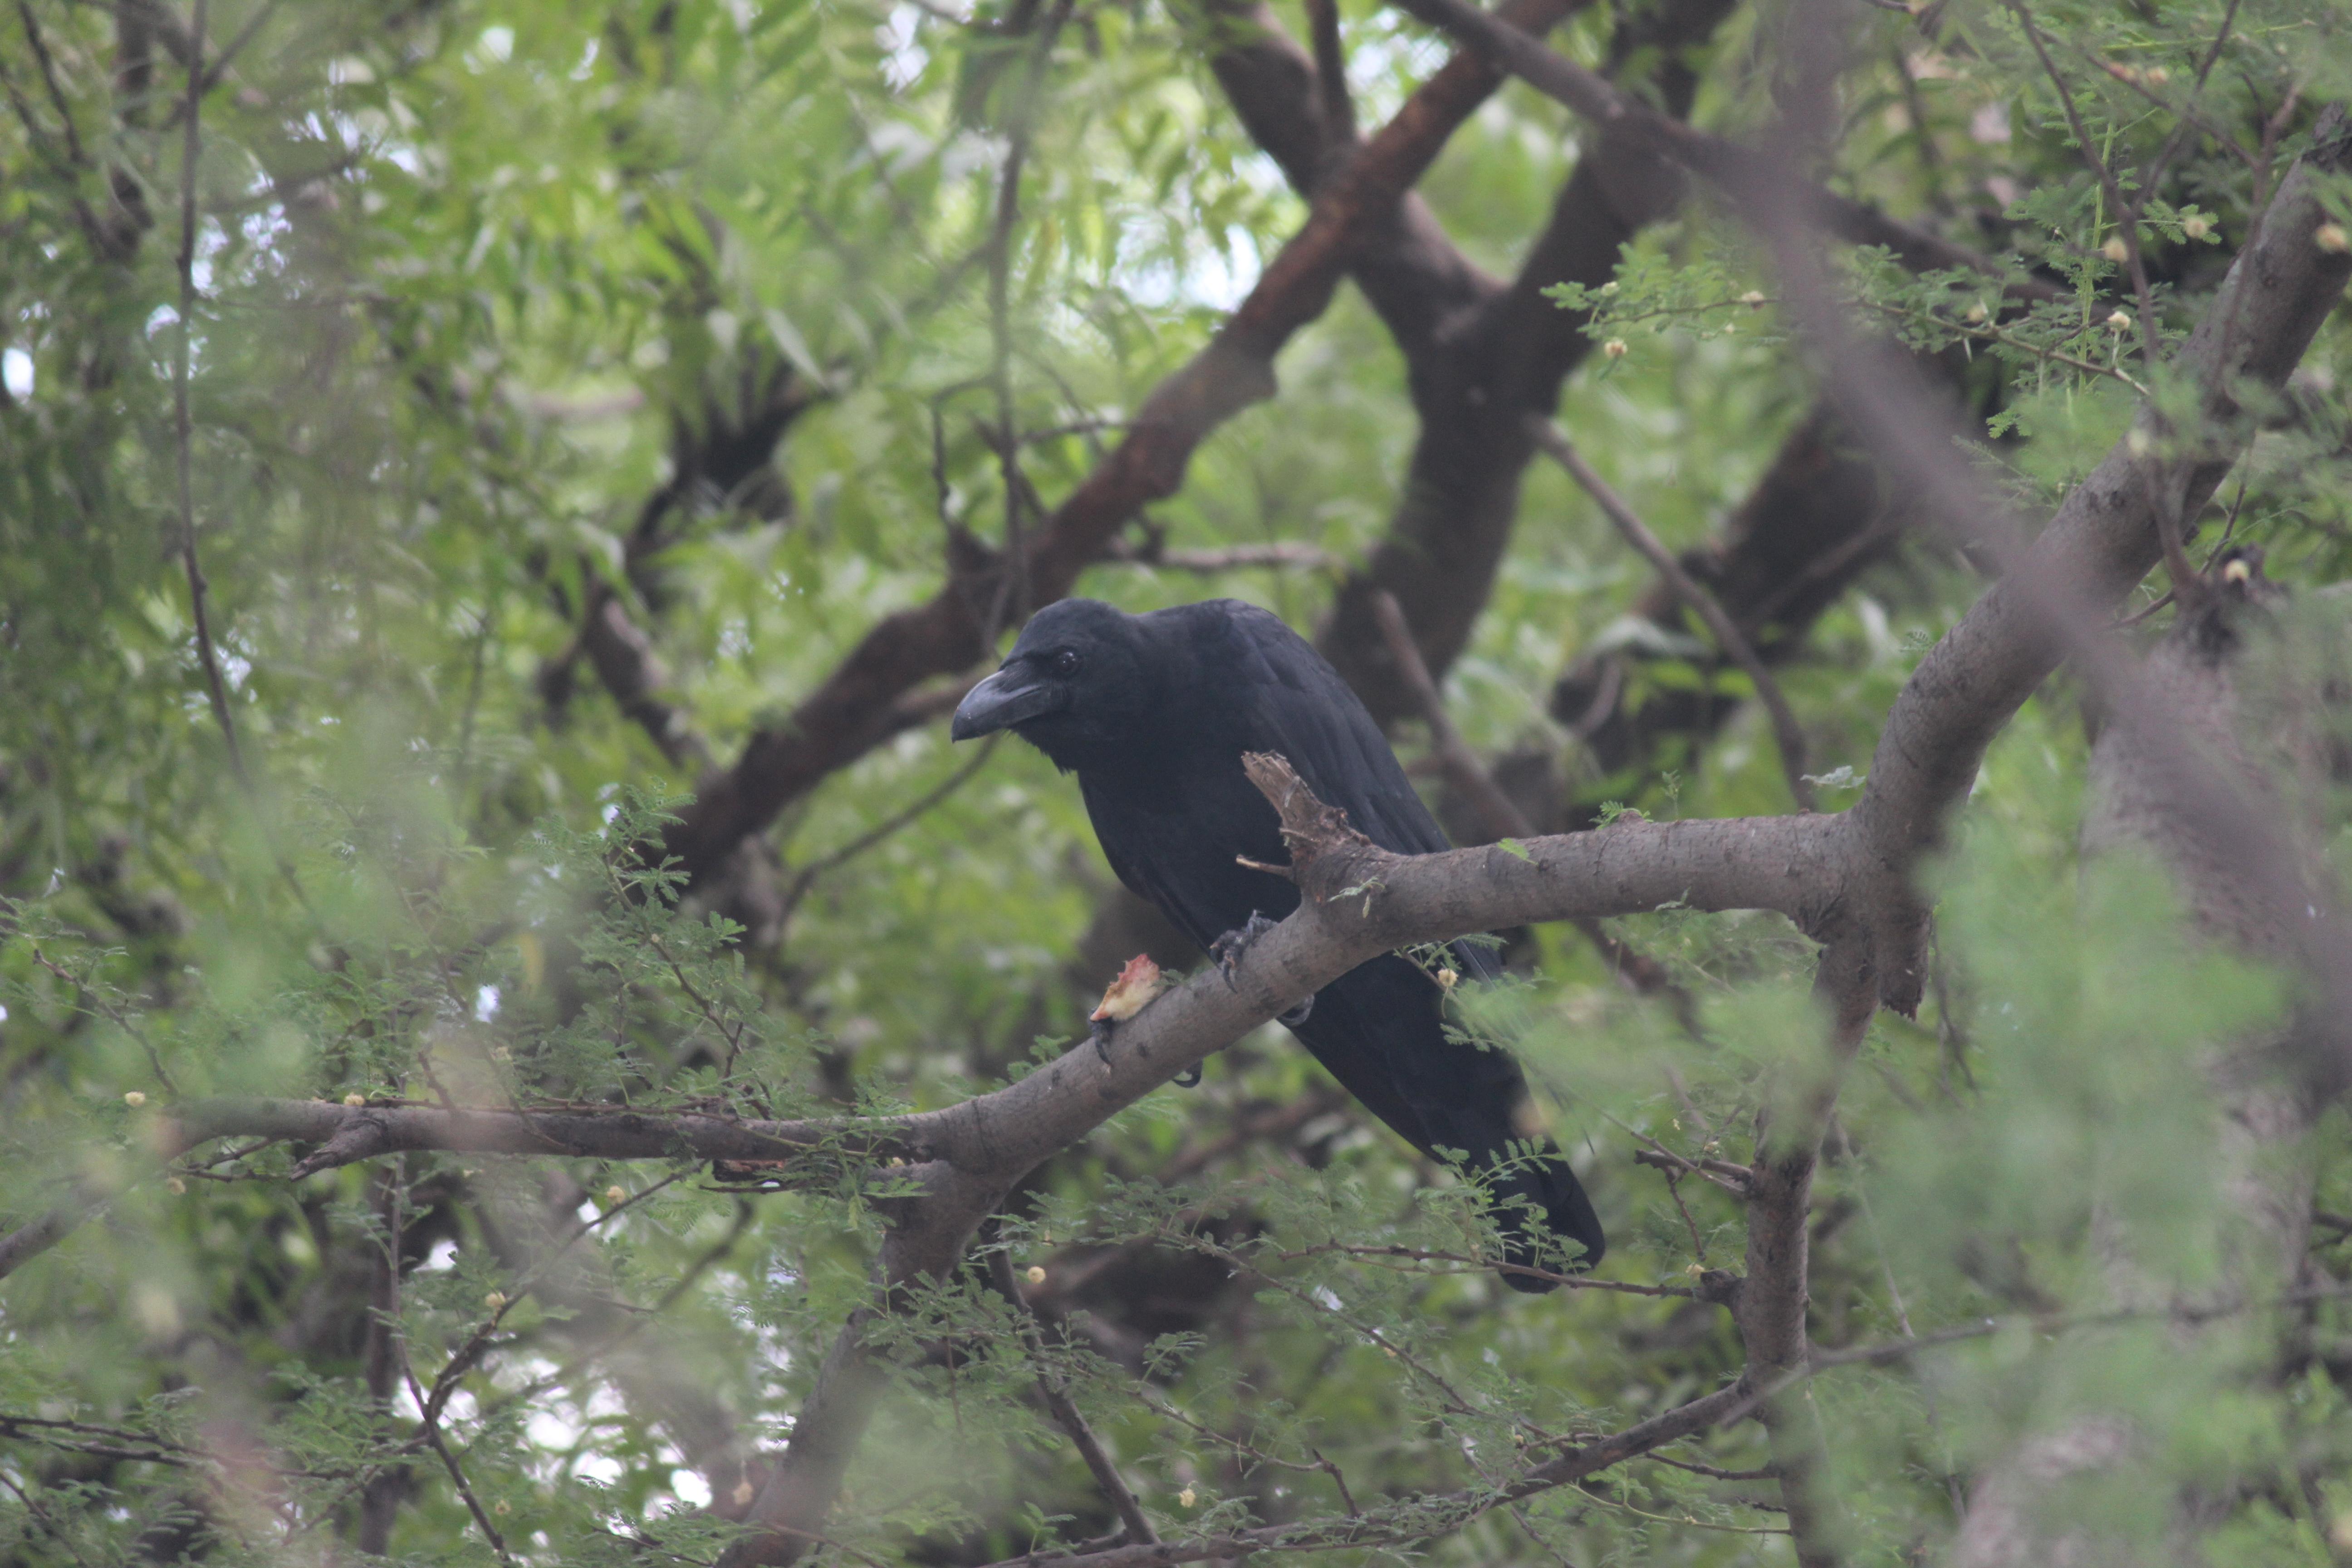 ગિરનારી કાગડો  |  जंगली कौआ  |  Jungle Crow